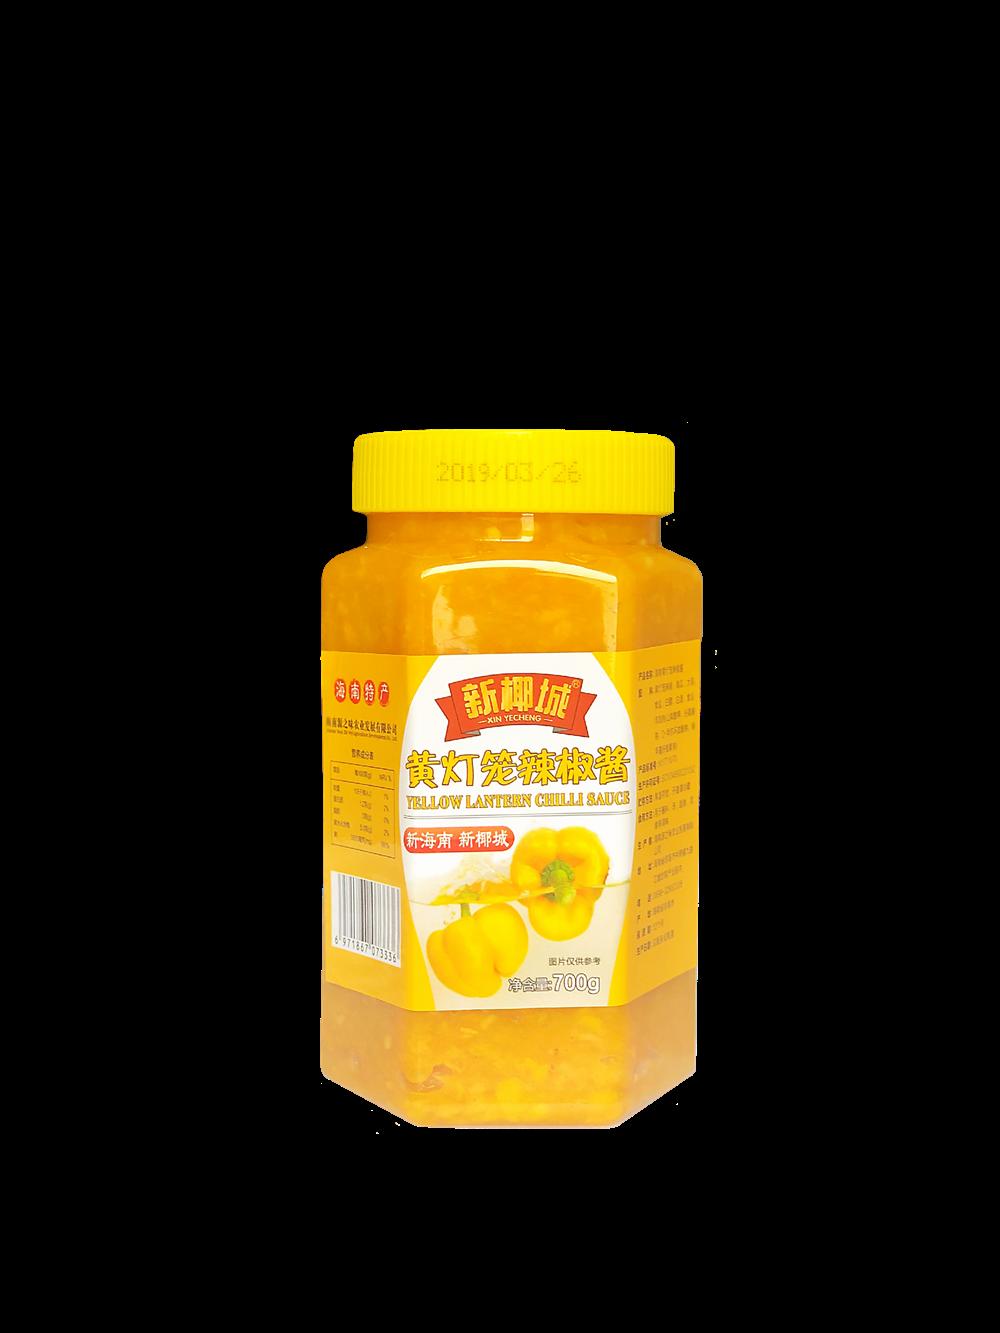 新椰城海南黄灯笼辣椒酱